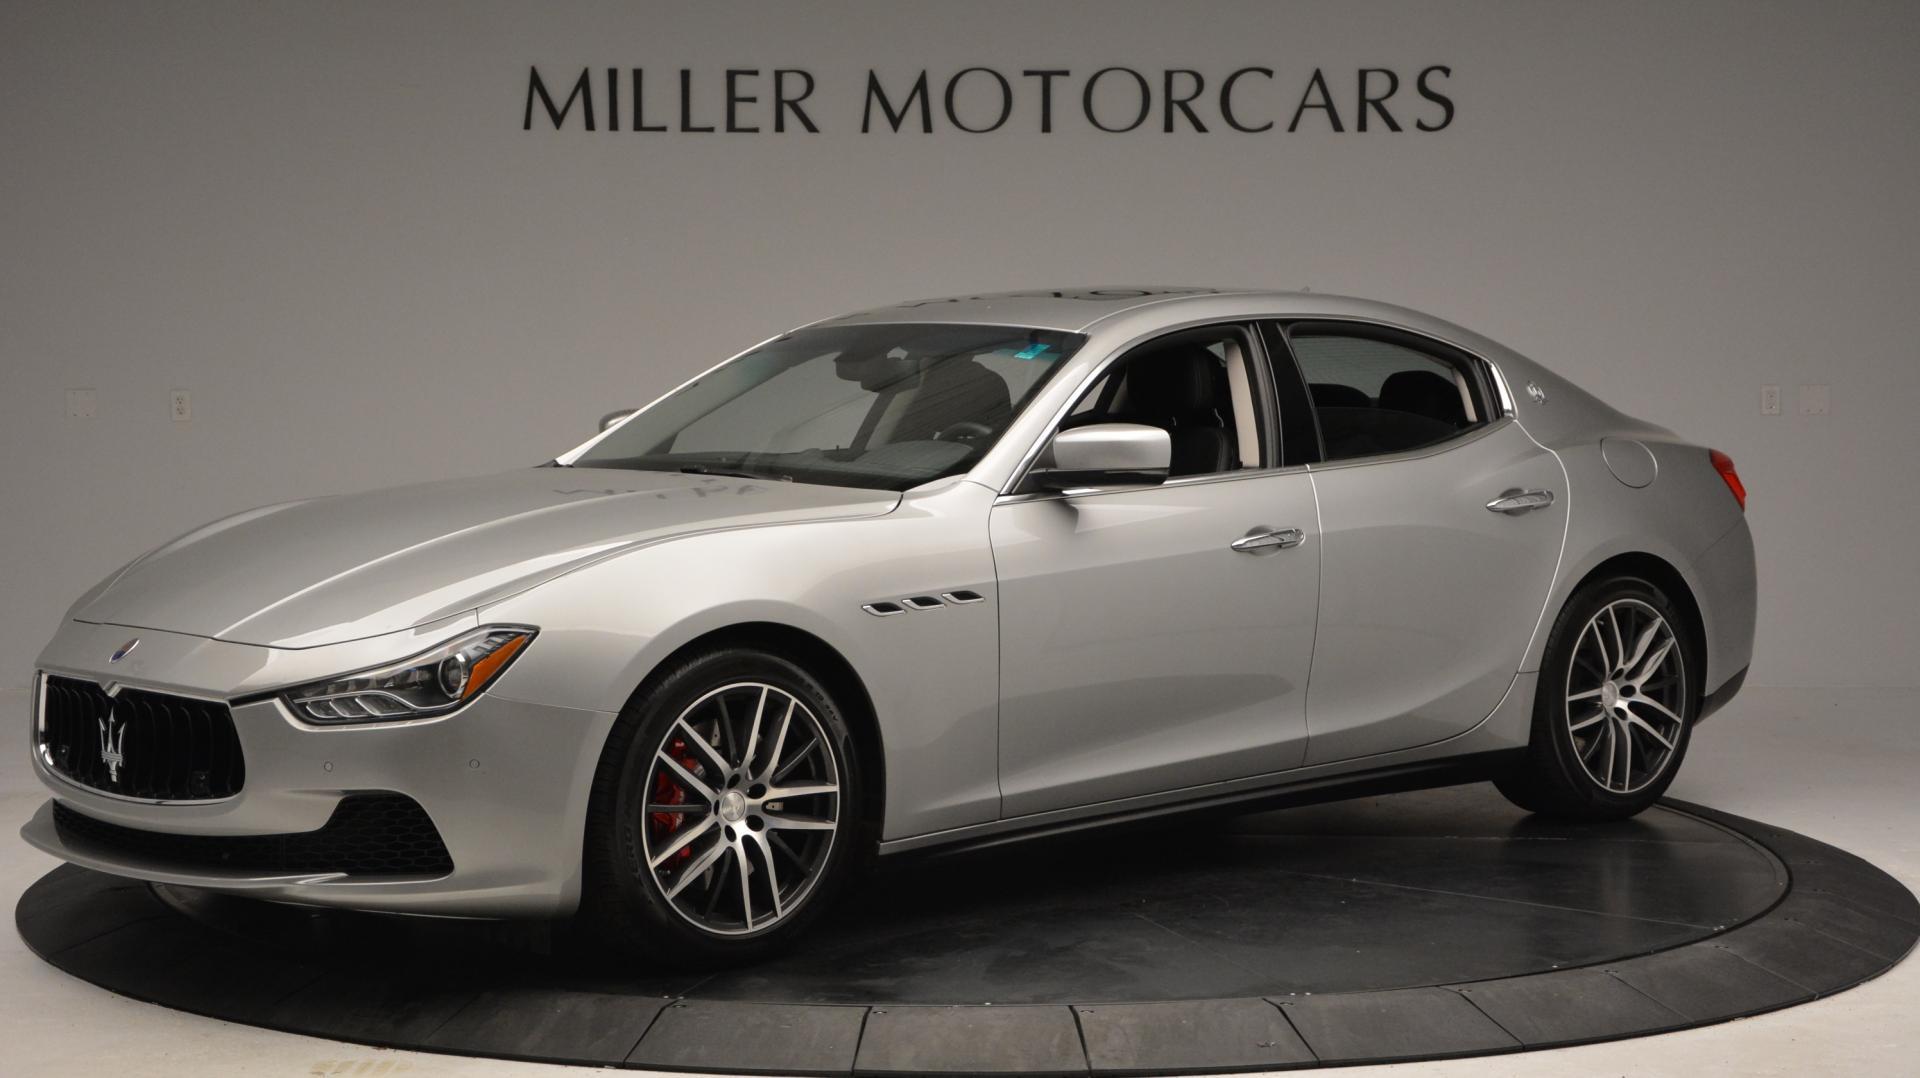 New-2016-Maserati-Ghibli-S-Q4